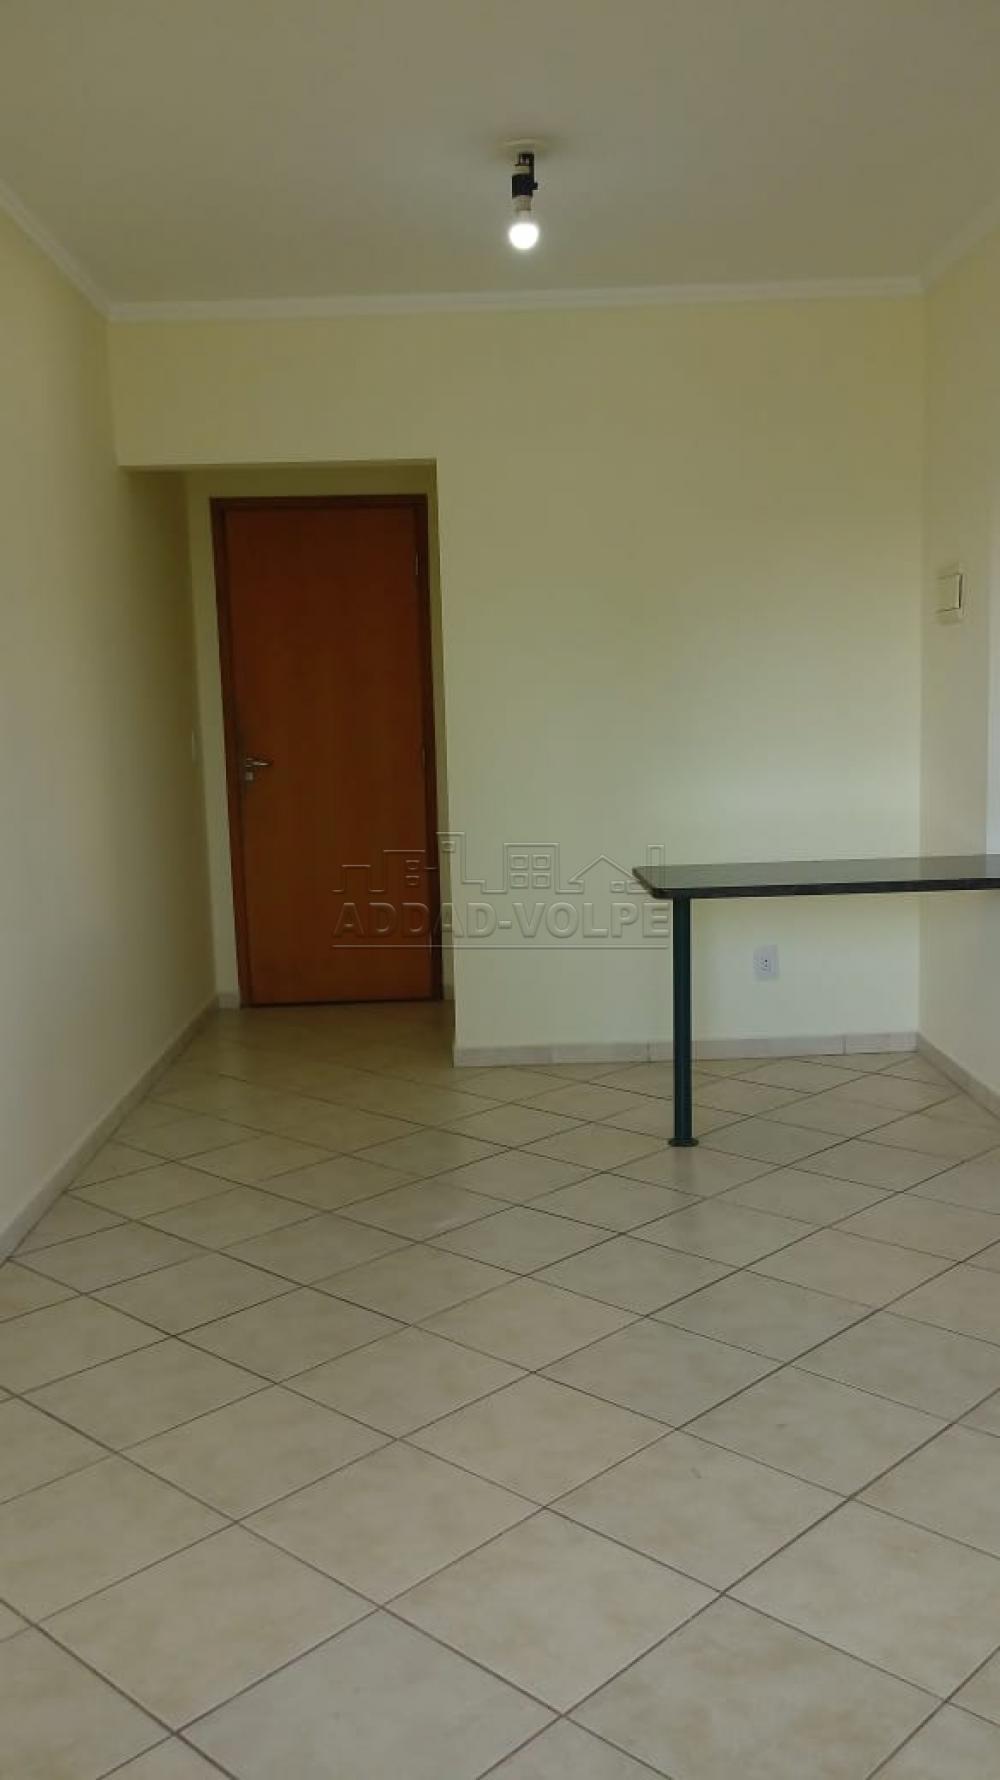 Alugar Apartamento / Padrão em Bauru R$ 850,00 - Foto 3